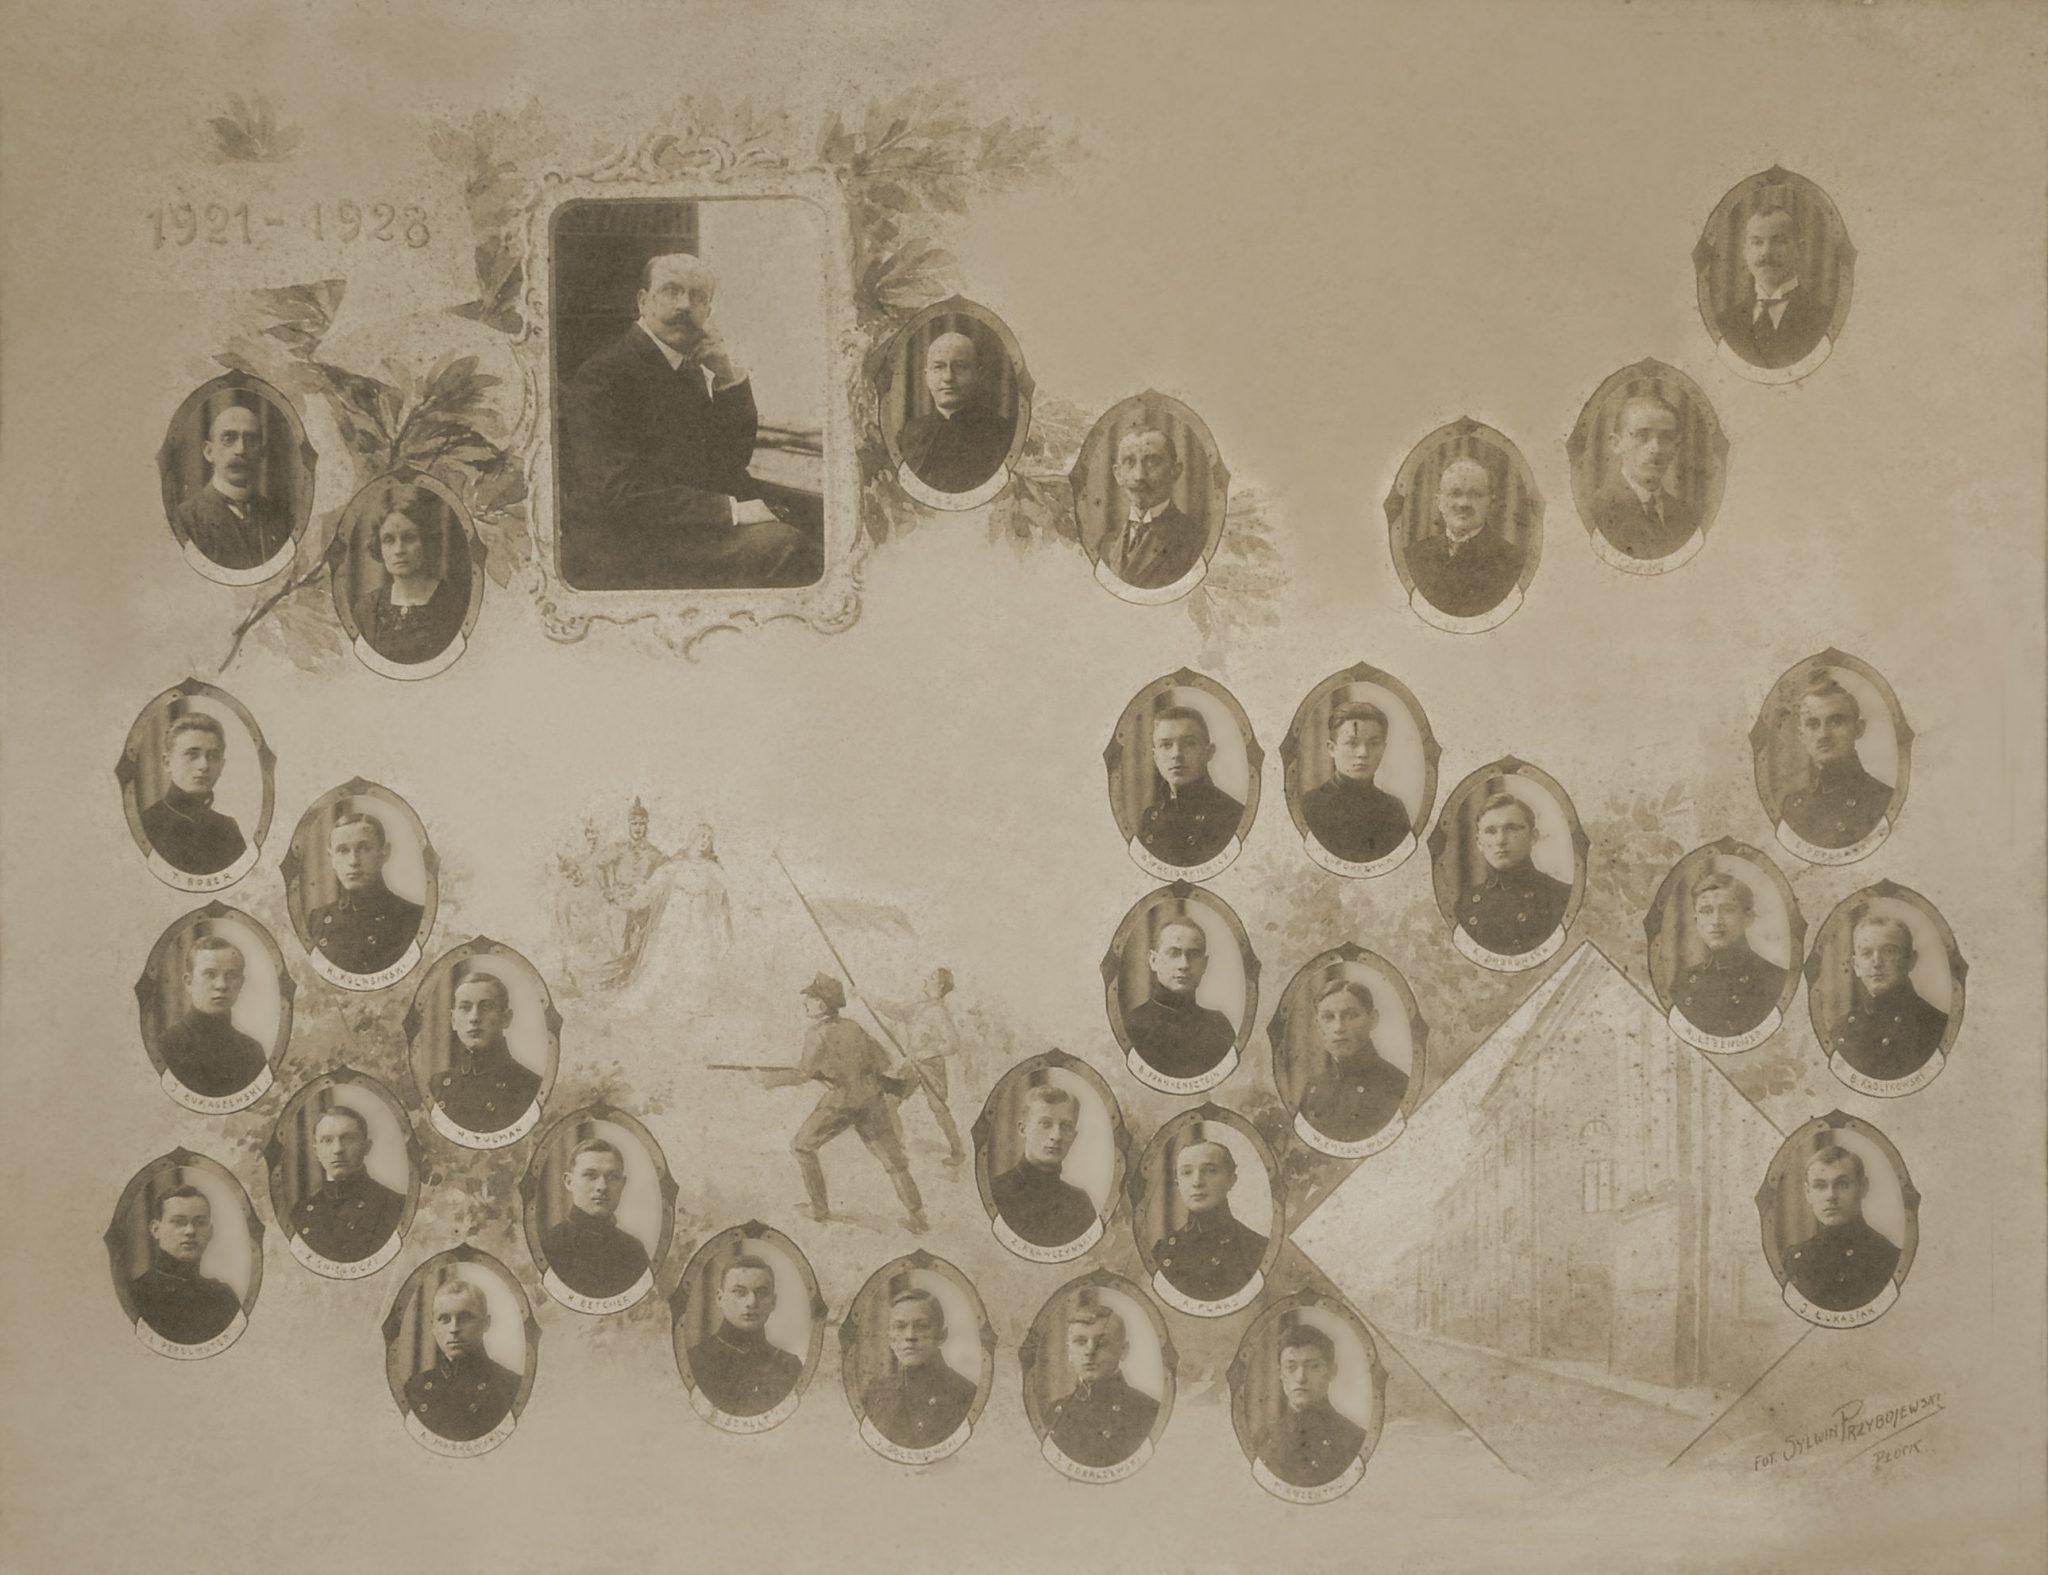 Tableau 8 klasowe gimnazjum męskie Koła Polskiej Macierzy Szkolnej (obecnie tzw. Małachowianka) rocznik 1921,